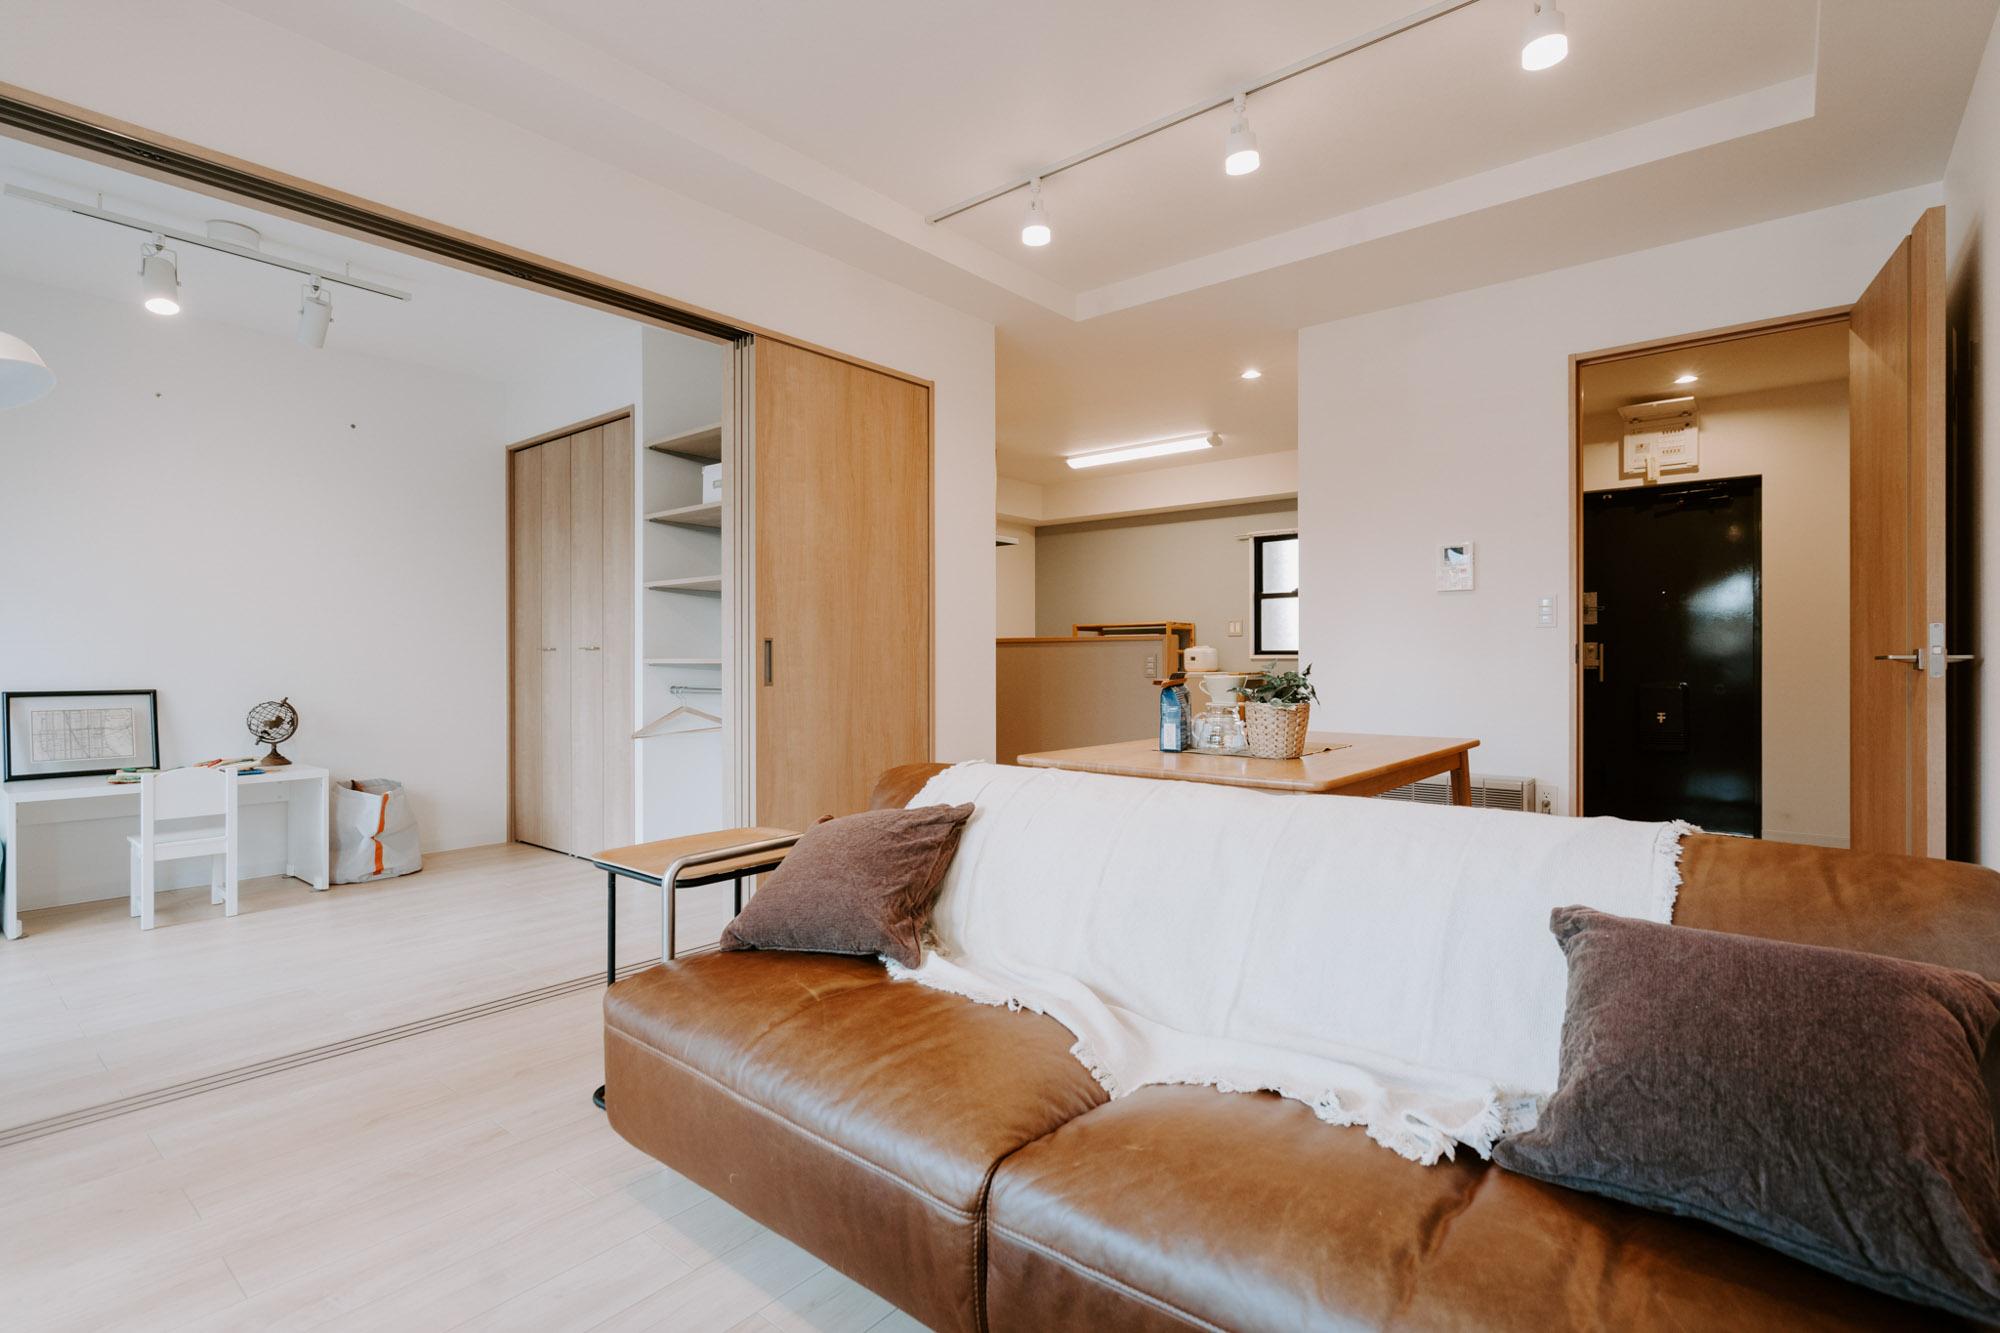 内装ももちろんこだわっています。床や建具の色はナチュラルで大人っぽいトーンに揃えられていて、いろんなスタイルの家具が似合いそう。※家具・調度品はサンプルです